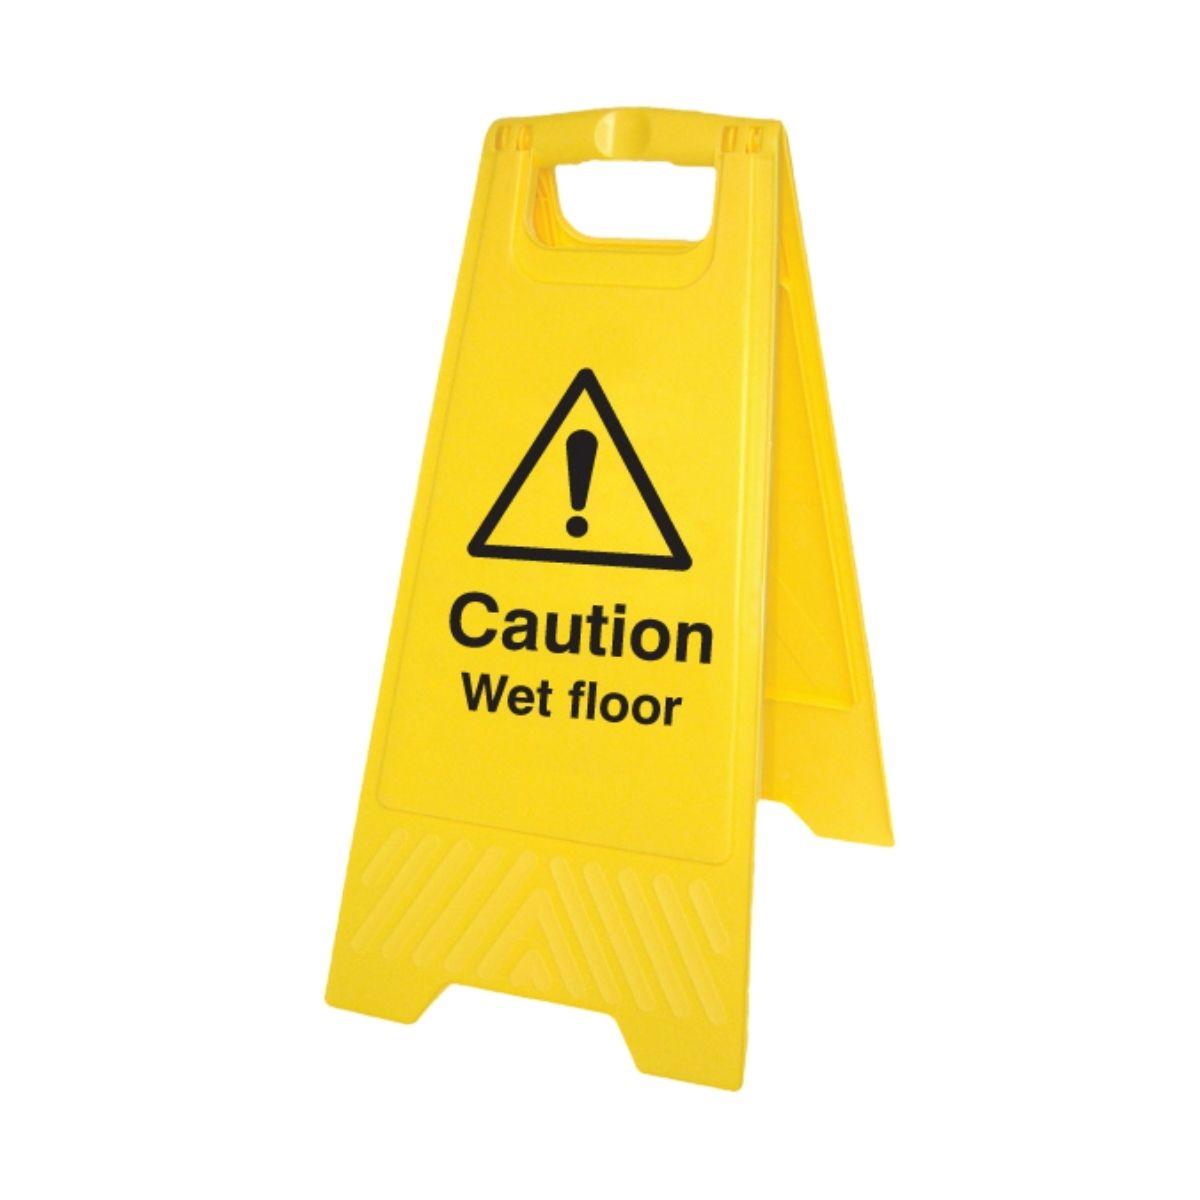 SS58515 Caution Wet Floor